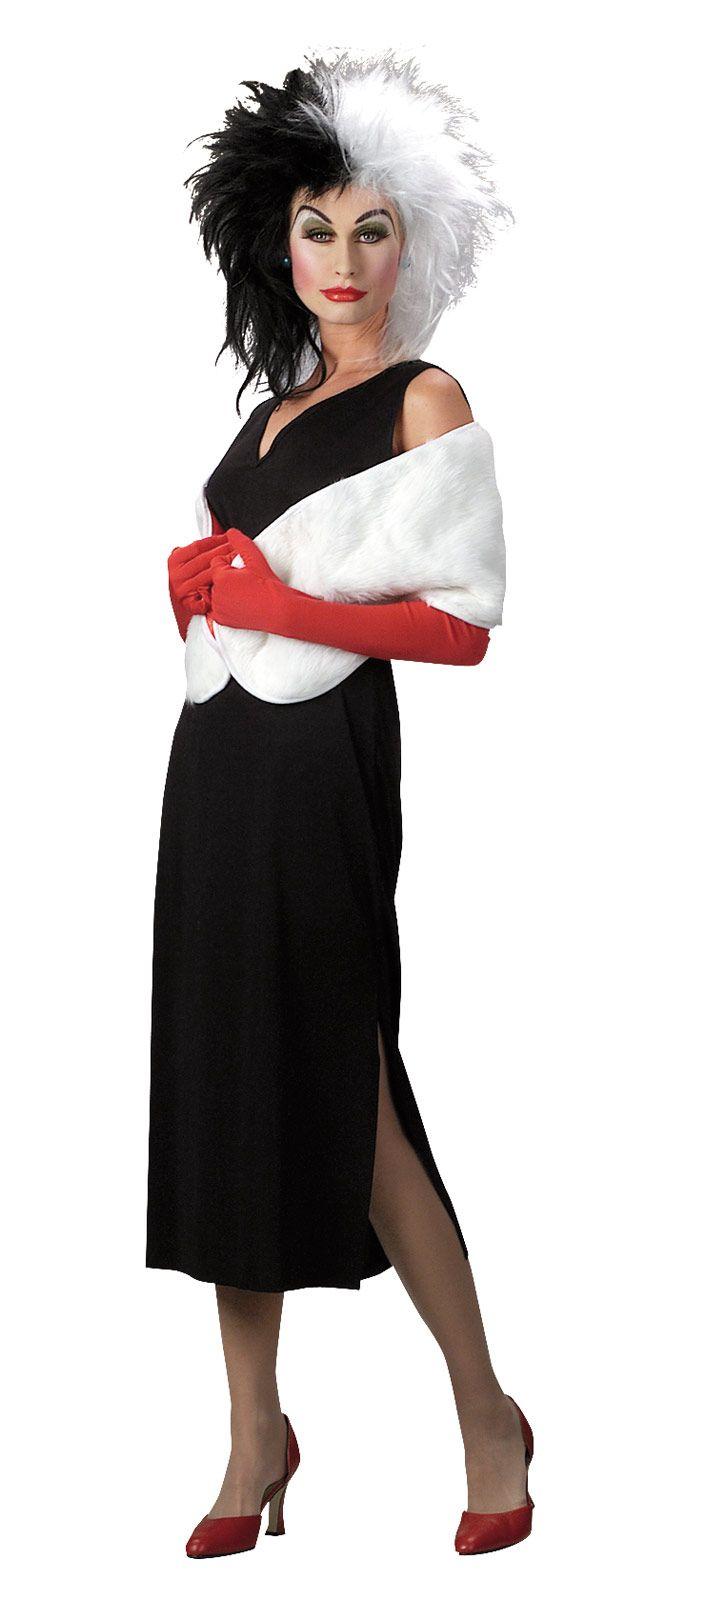 1000 ideas about cruella deville costume on pinterest cruella deville halloween costume. Black Bedroom Furniture Sets. Home Design Ideas